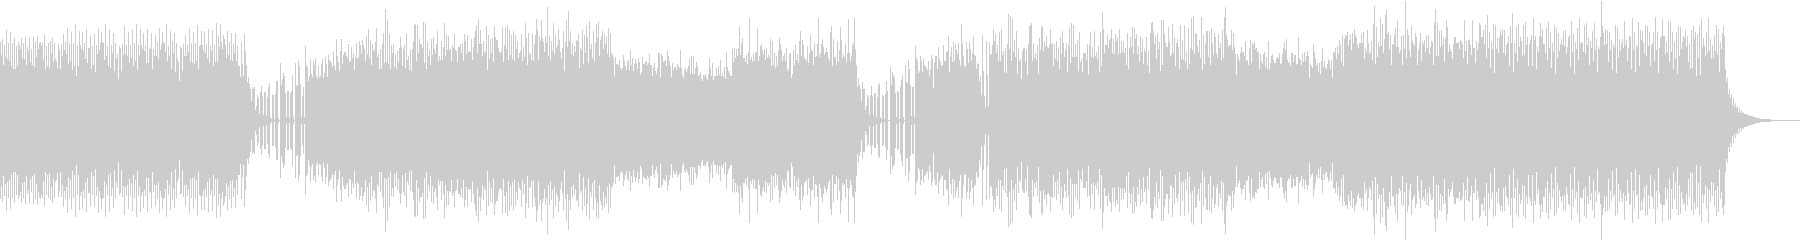 プログレッシブ、エレクトロの未再生の波形